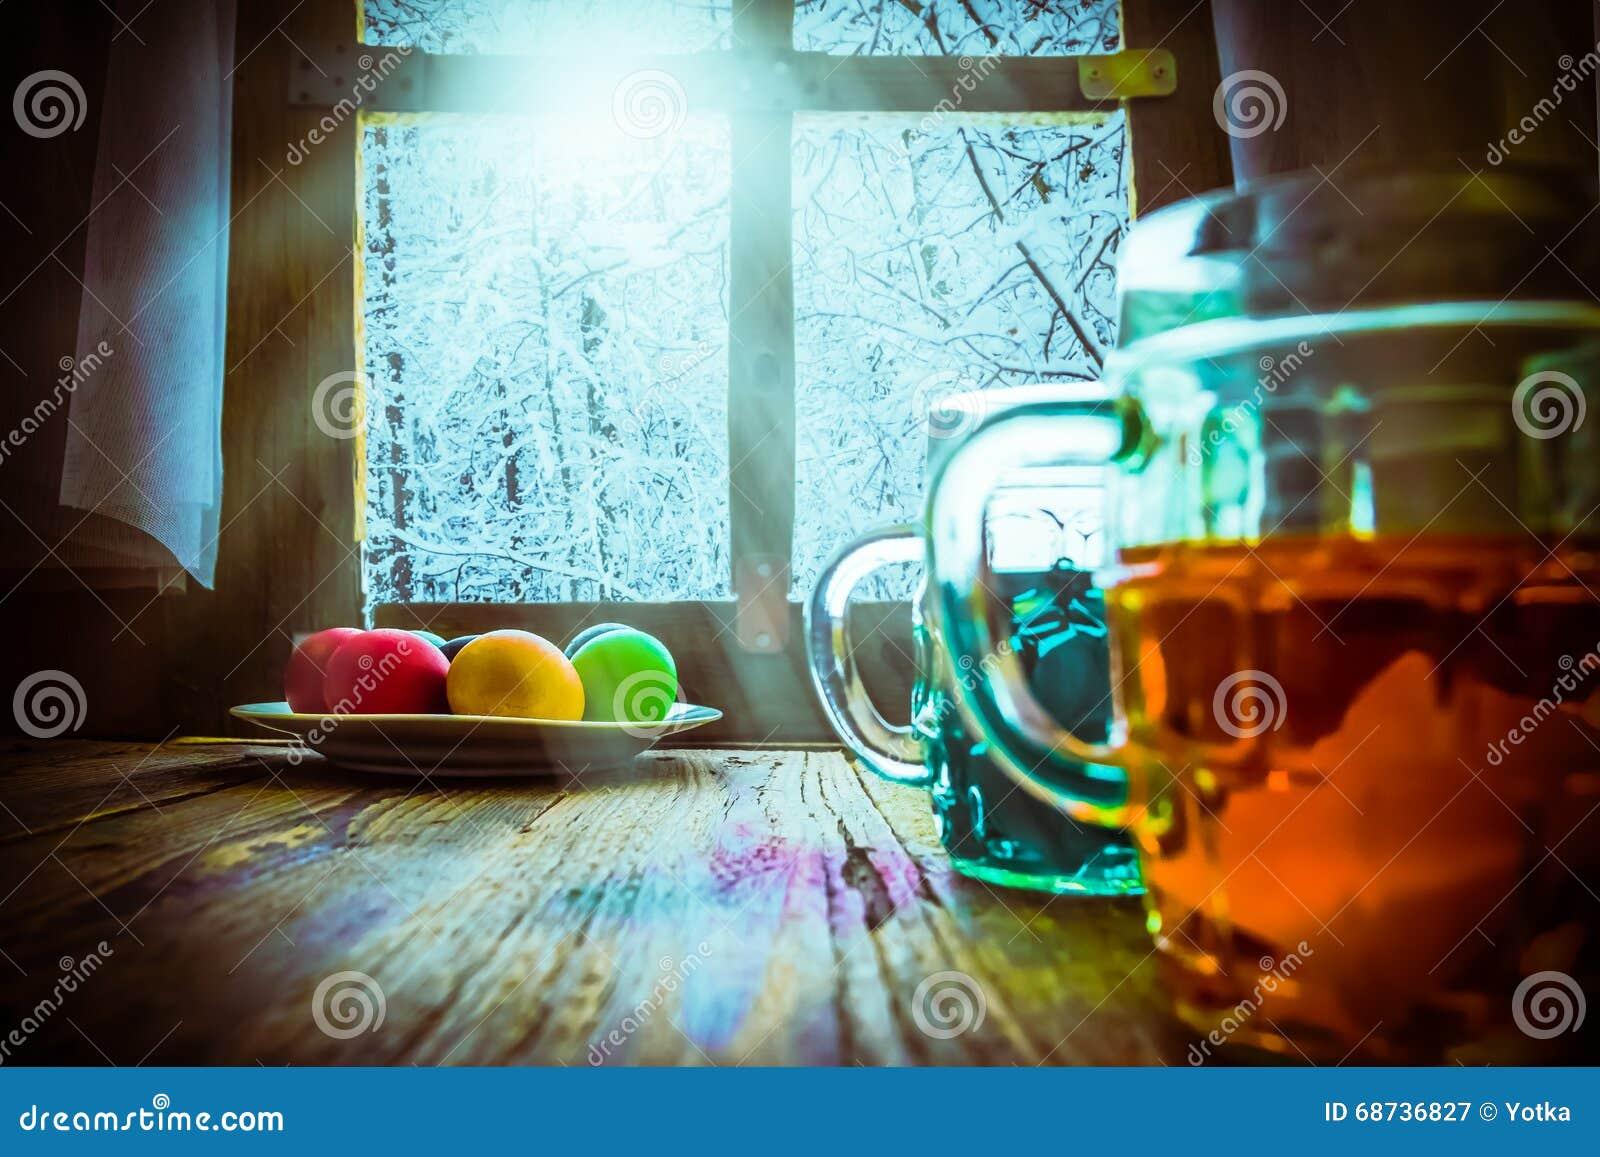 Paysage d 39 hiver de peinture d 39 oeuf de p ques en dehors de fen tre photo stock image 68736827 - Peinture oeufs de paques ...